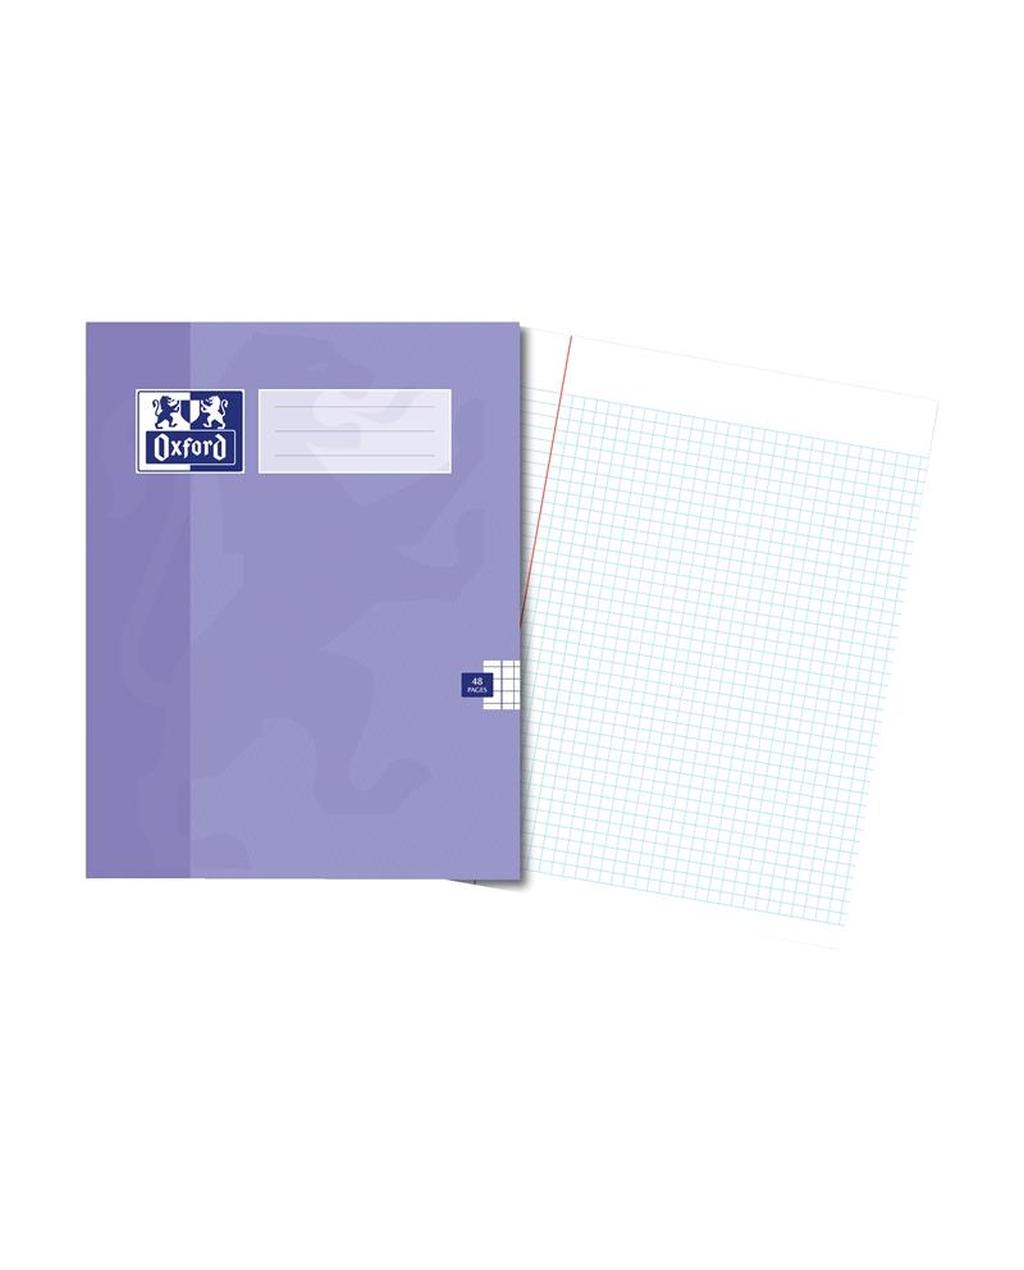 220x170 Oxford Ex Bk 48Pg 5Mm Sq Purple